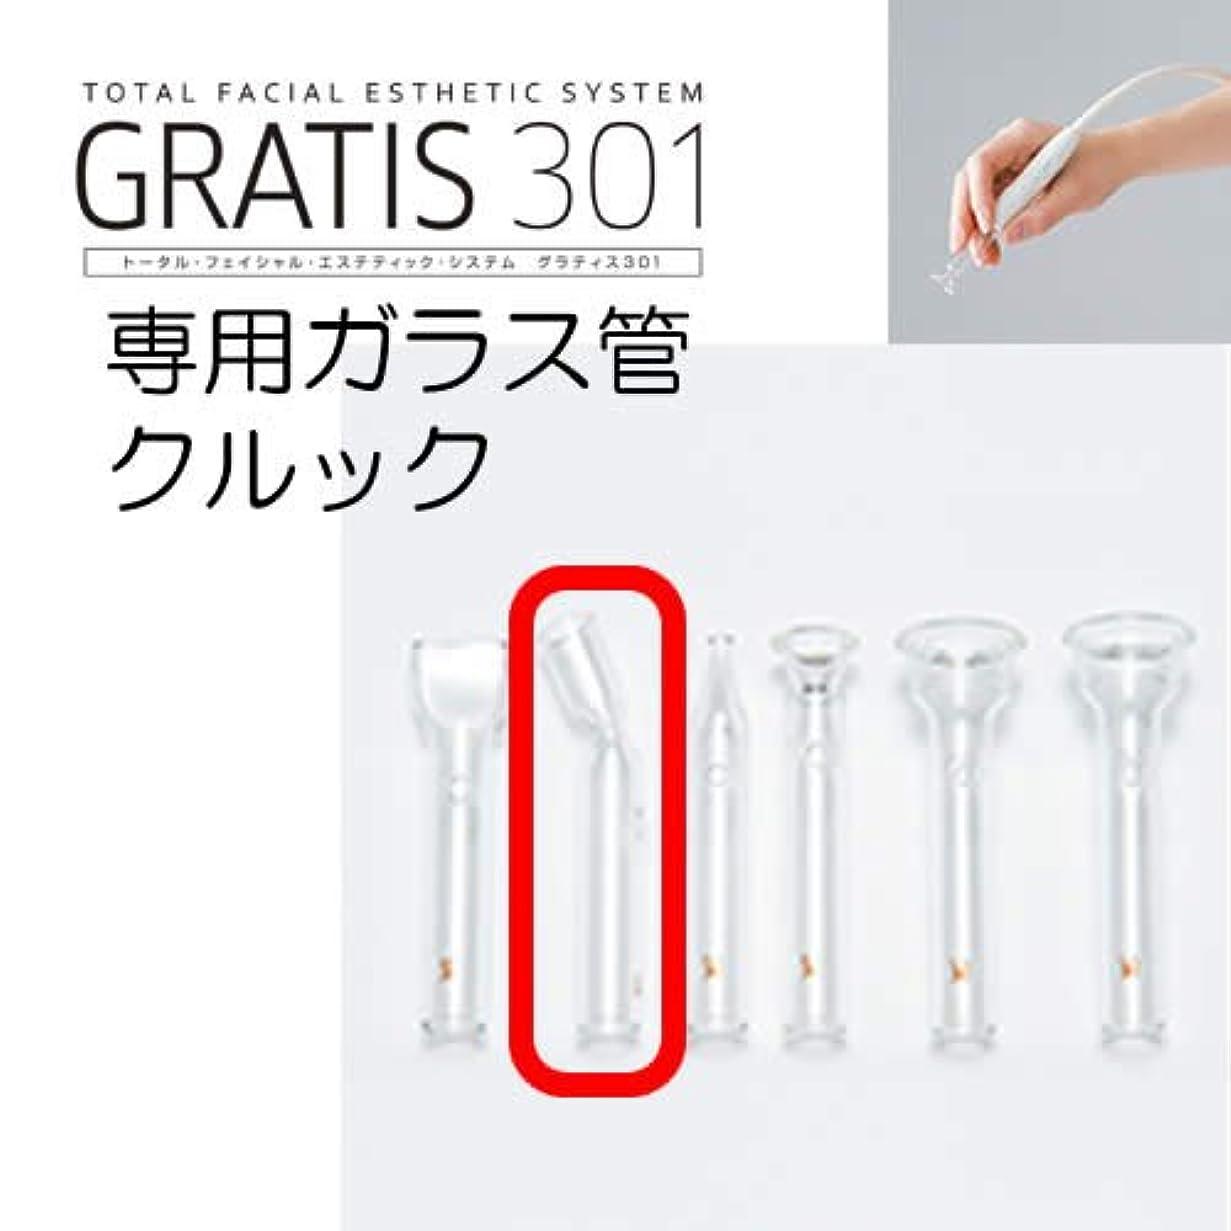 テレマコス予算葉を集めるGRATIS 301(グラティス301)専用ガラス管 クルック(2本セット)